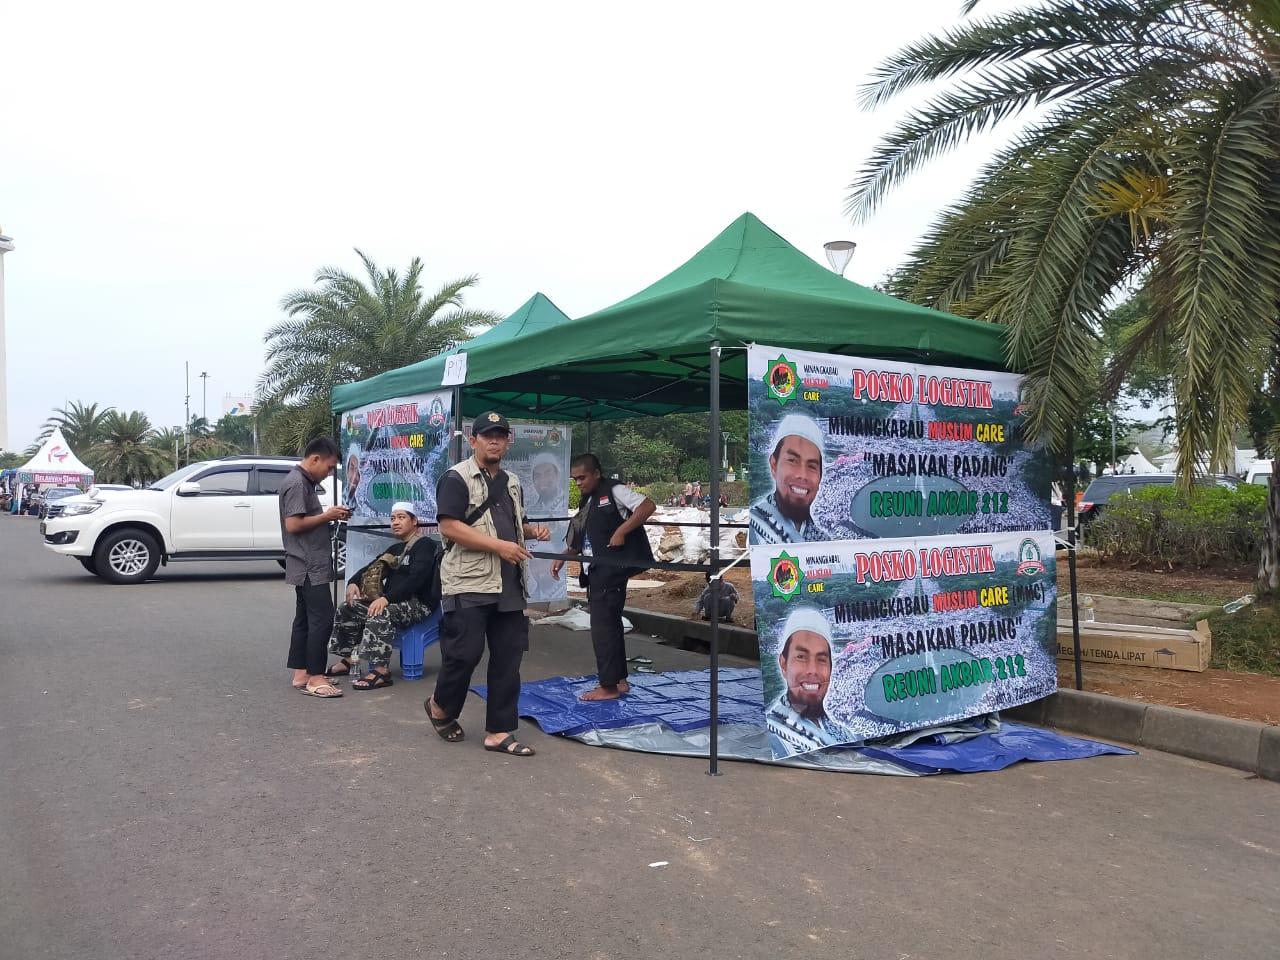 Foto Posko Logistik Minangkabau Muslim Care (MMC) menyediakan 10.000 nasi bungkus masakan padang untuk peserta Reuni  212.